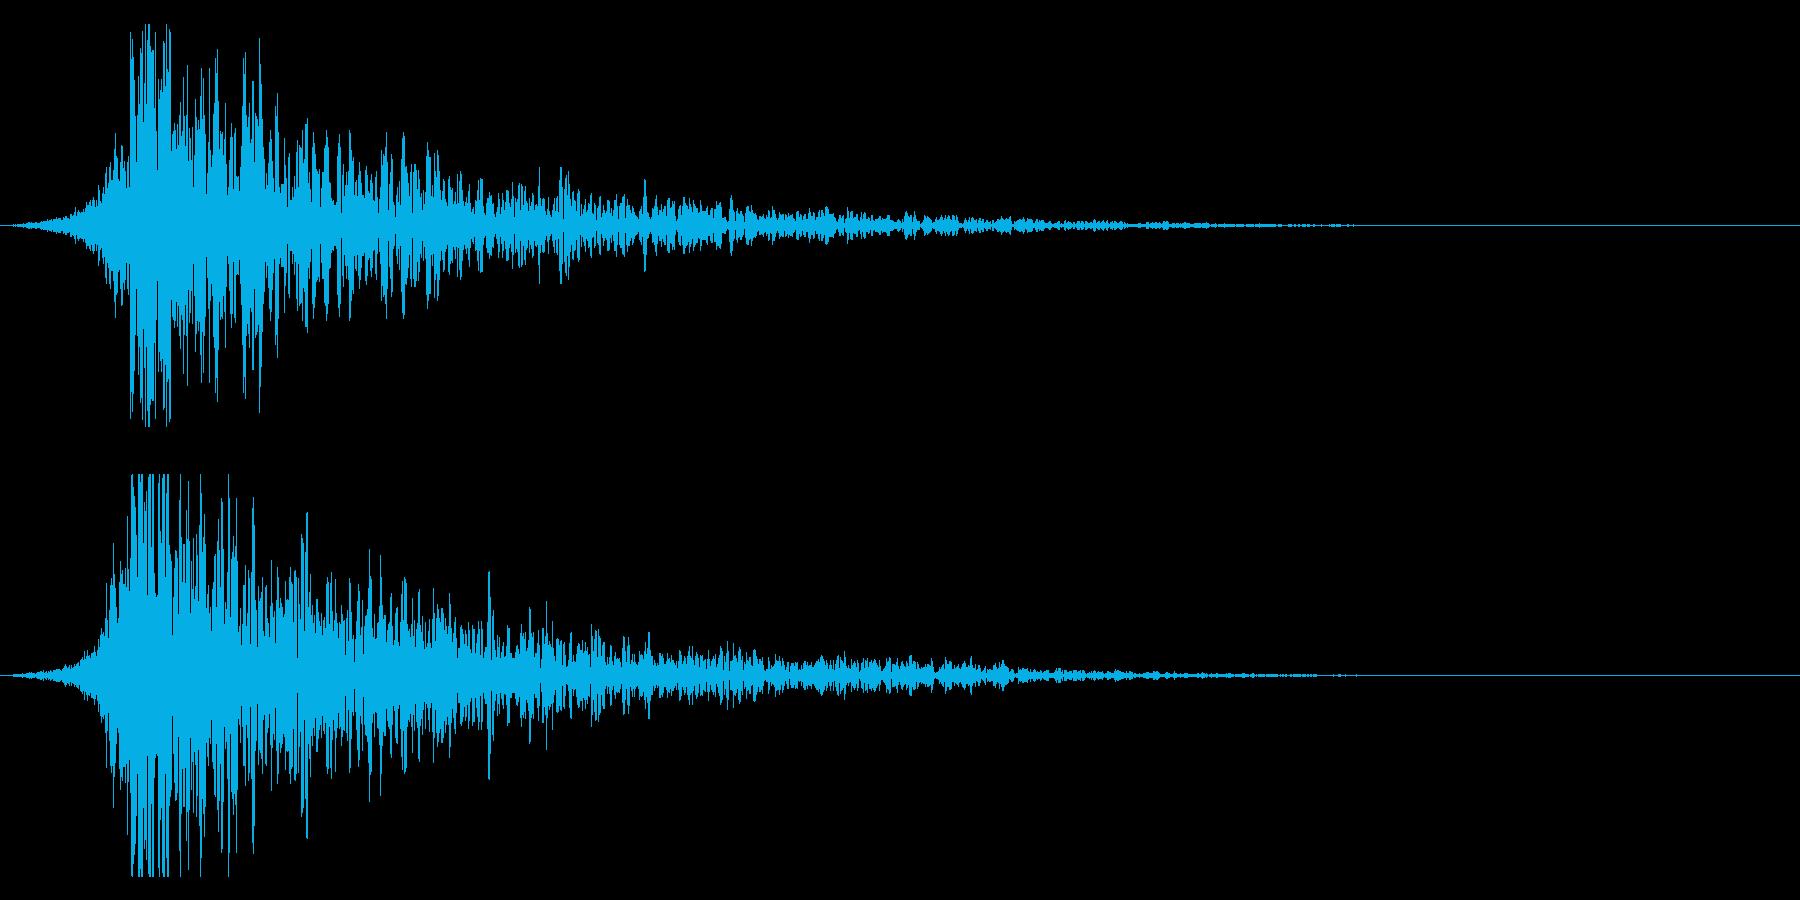 シュードーン-22-2(インパクト音)の再生済みの波形